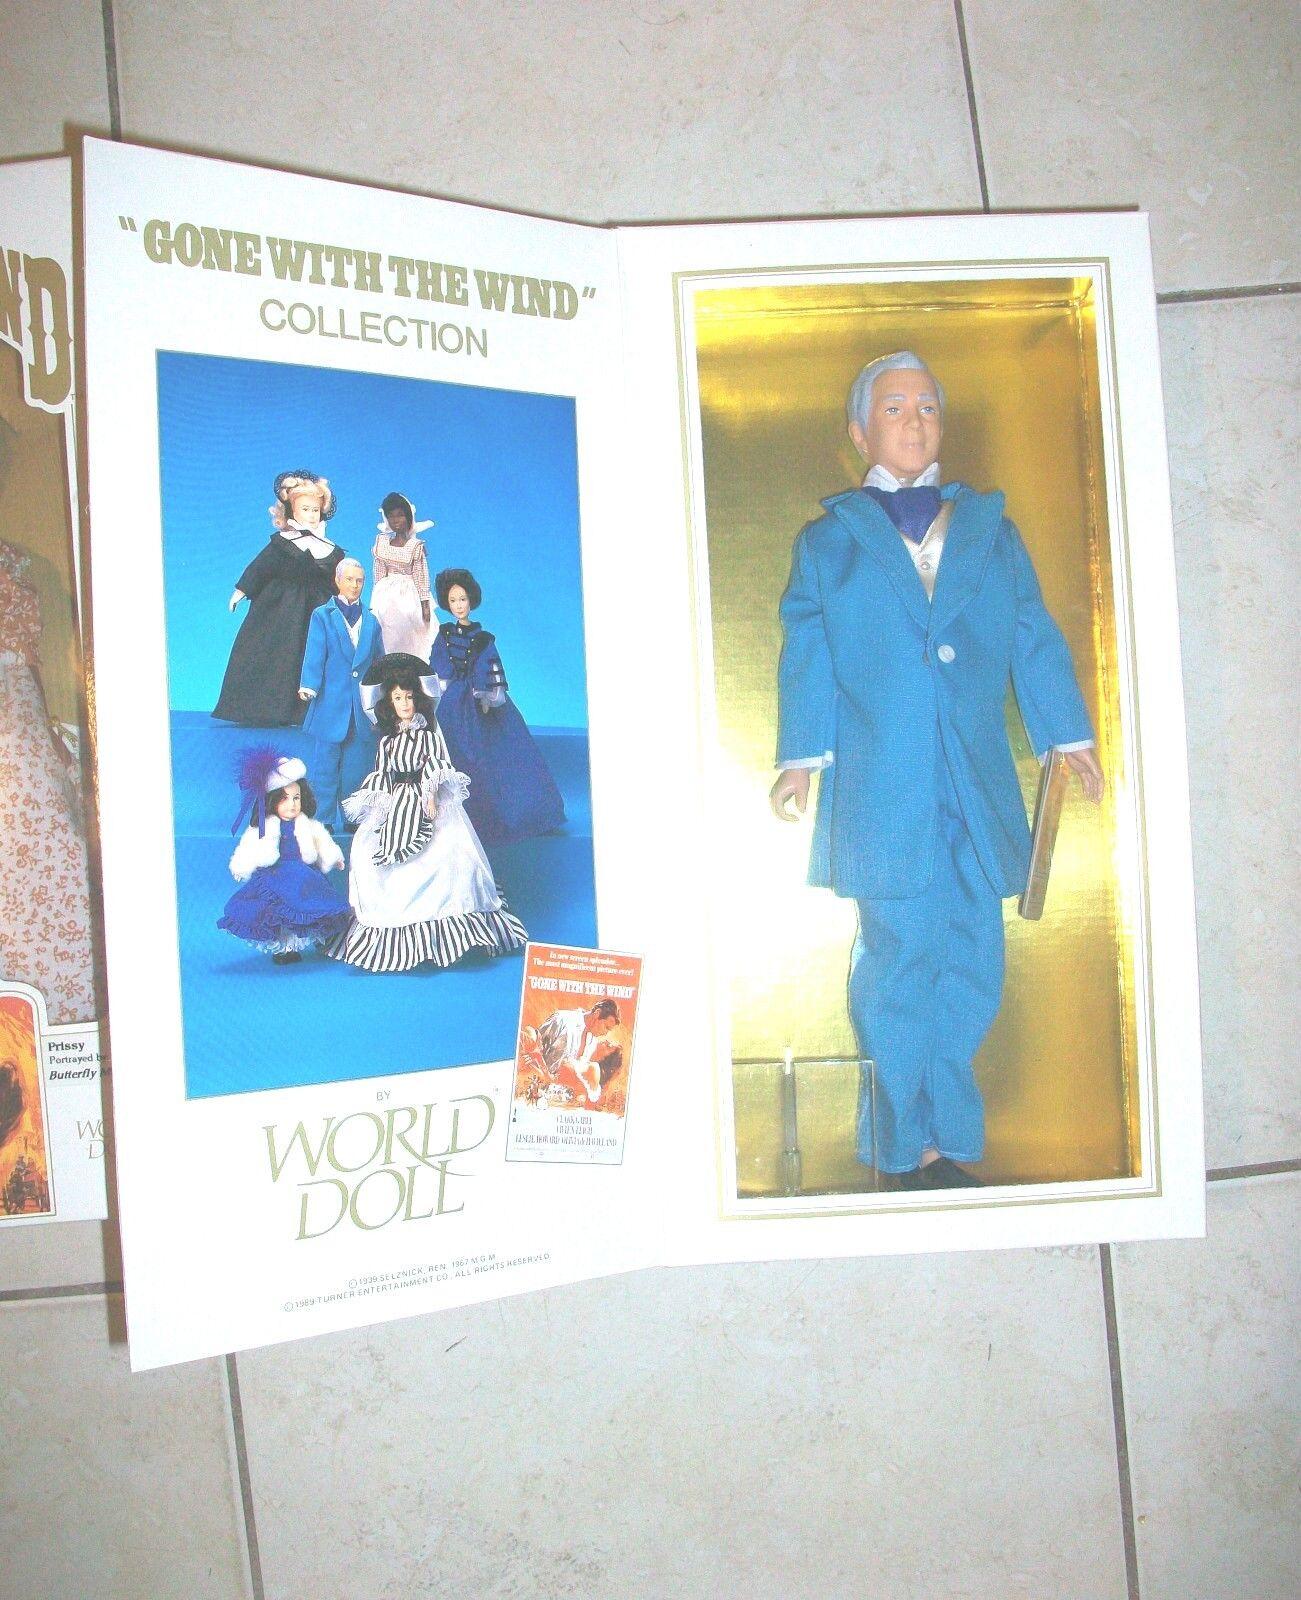 Ido con el viento World Doll el señor O O O 'Hare  orden ahora disfrutar de gran descuento